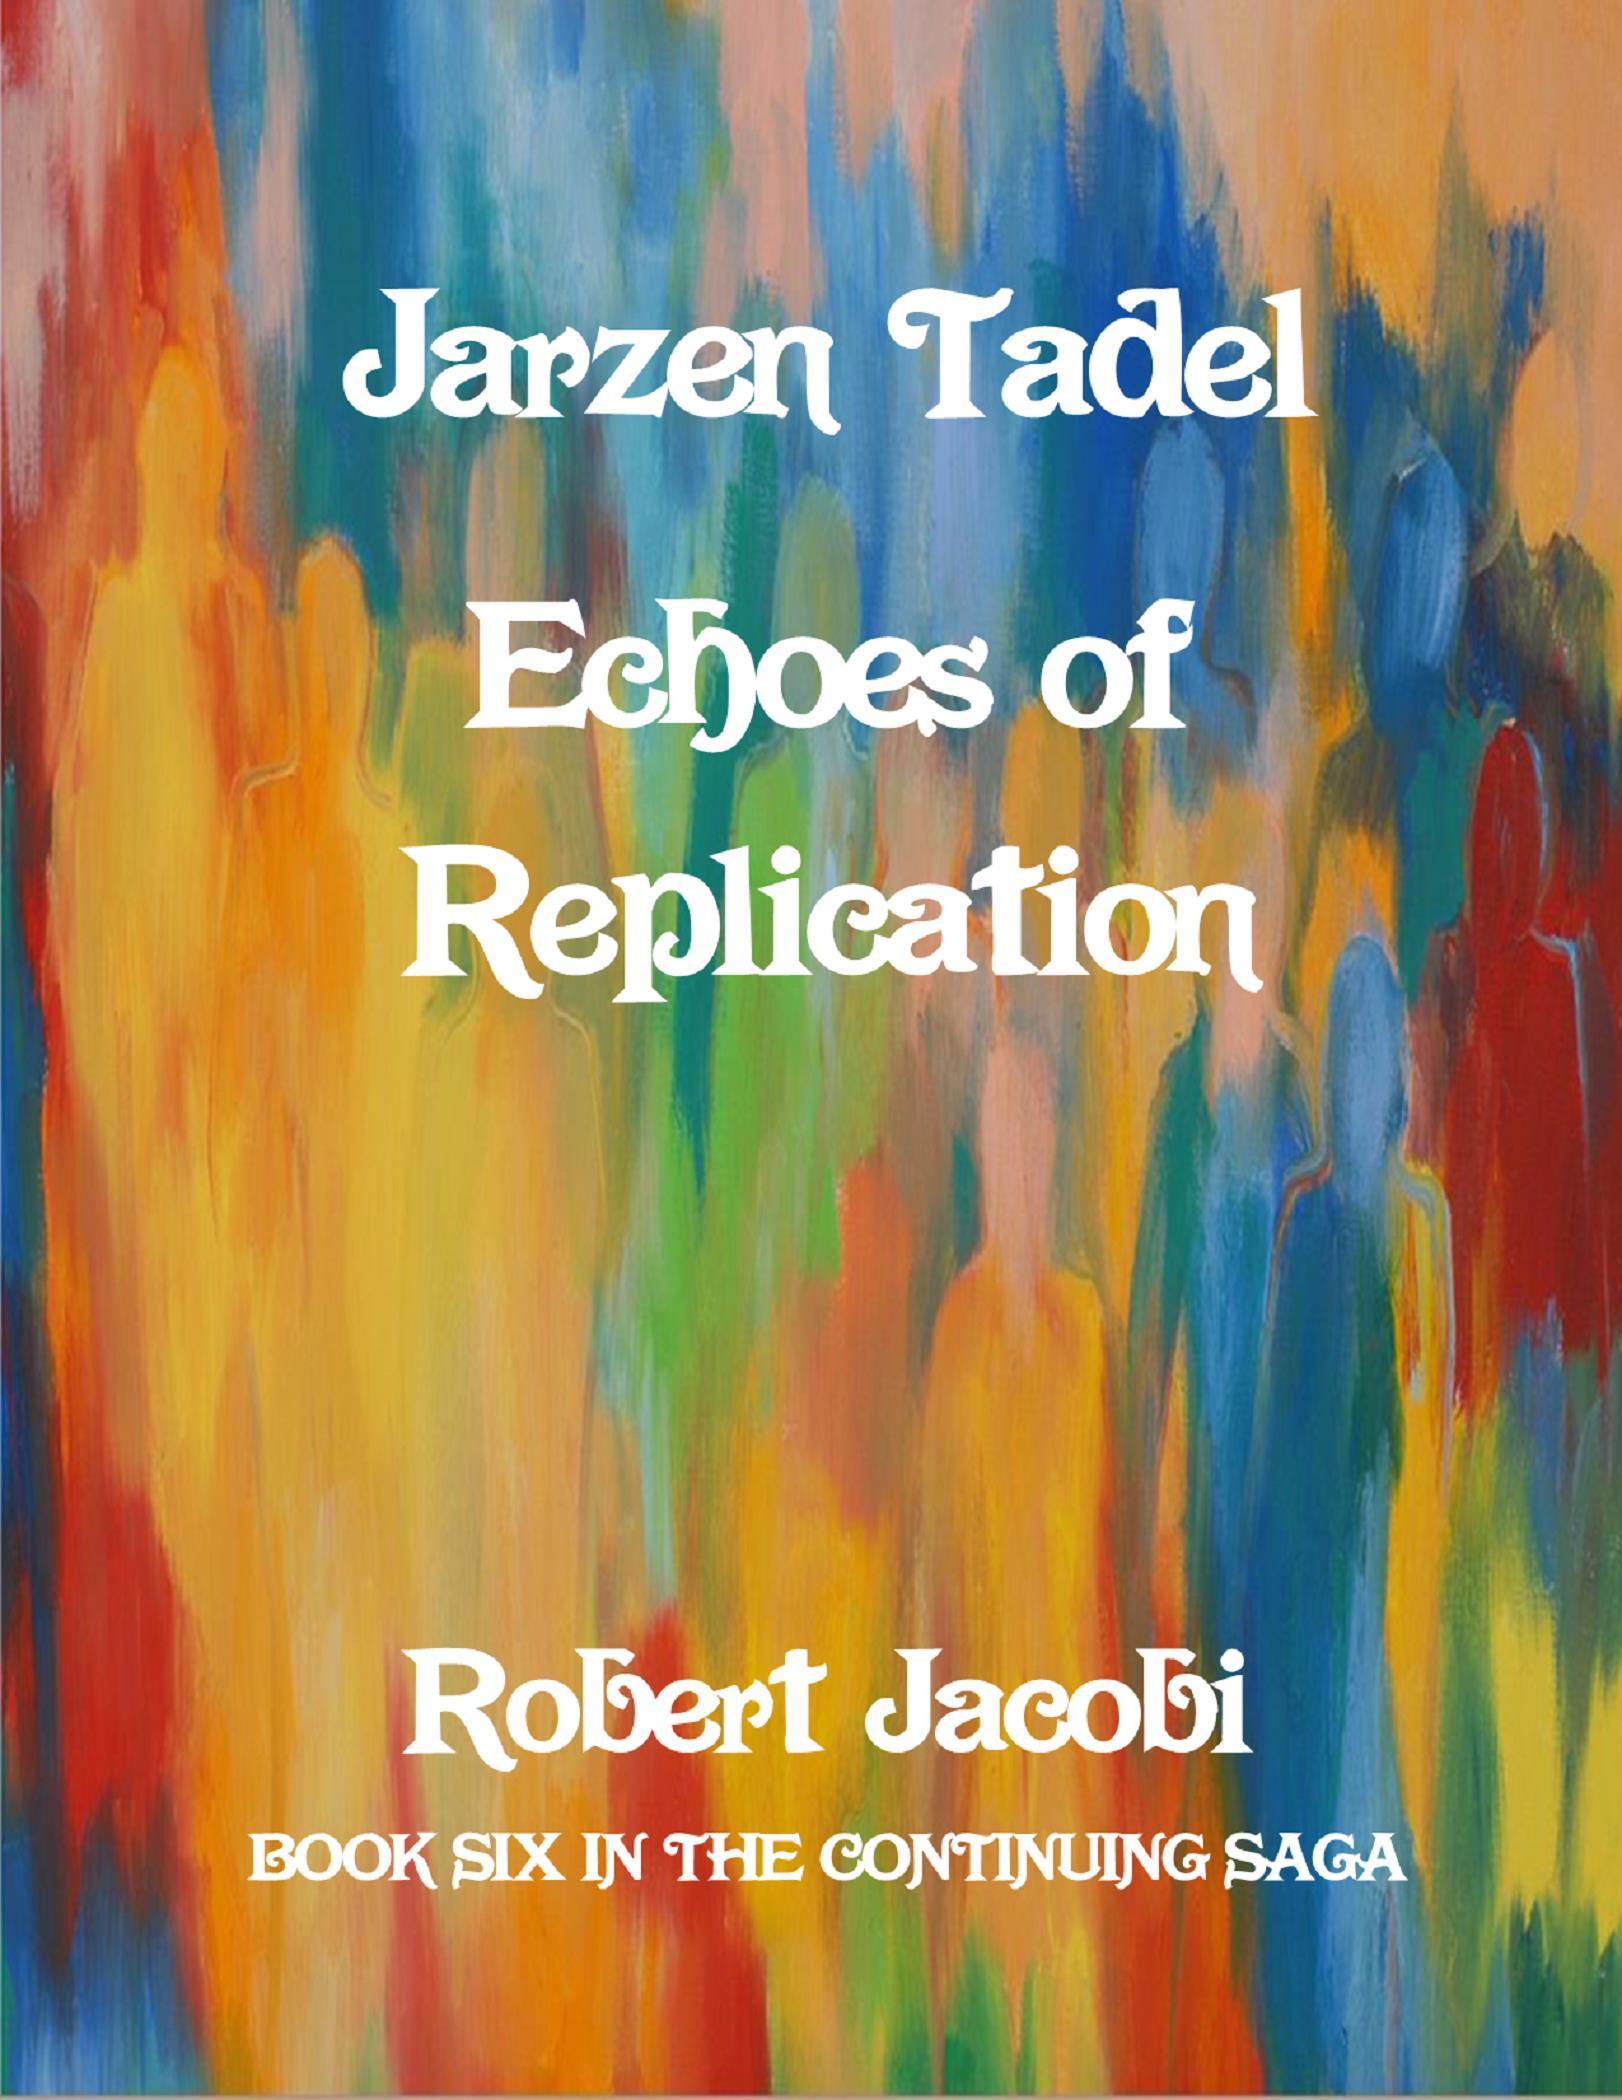 Jarzen Tadel Echoes of Replication